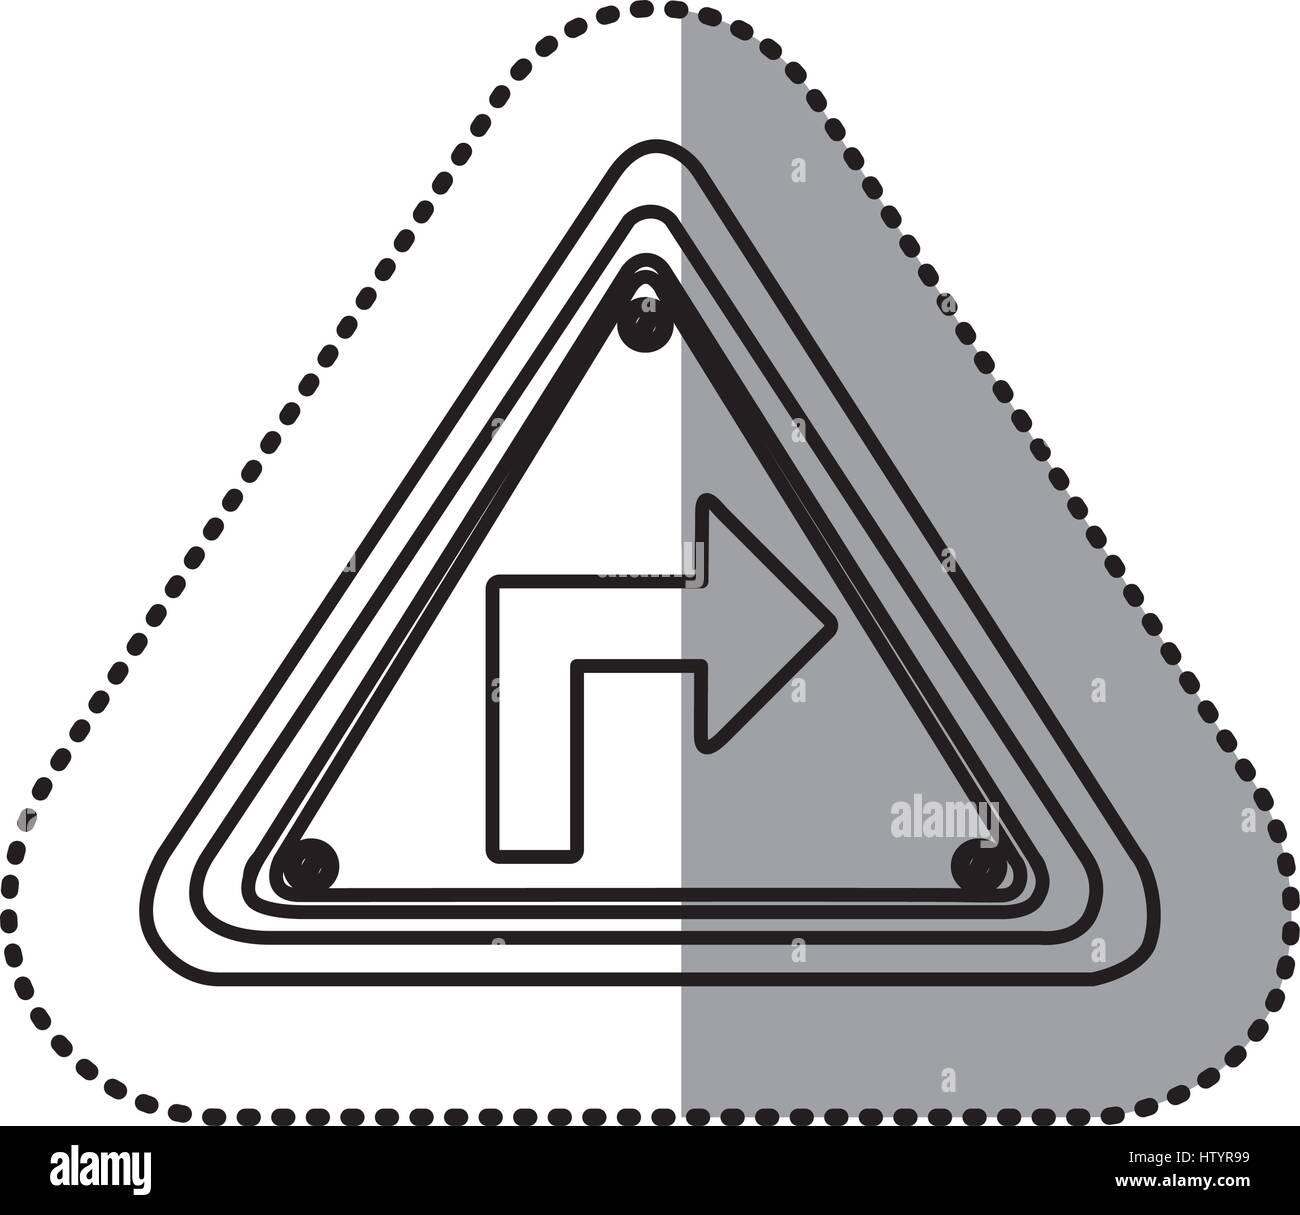 Aufkleber Kontur Dreieck Rahmen drehen Rechts Verkehrszeichen Vektor ...